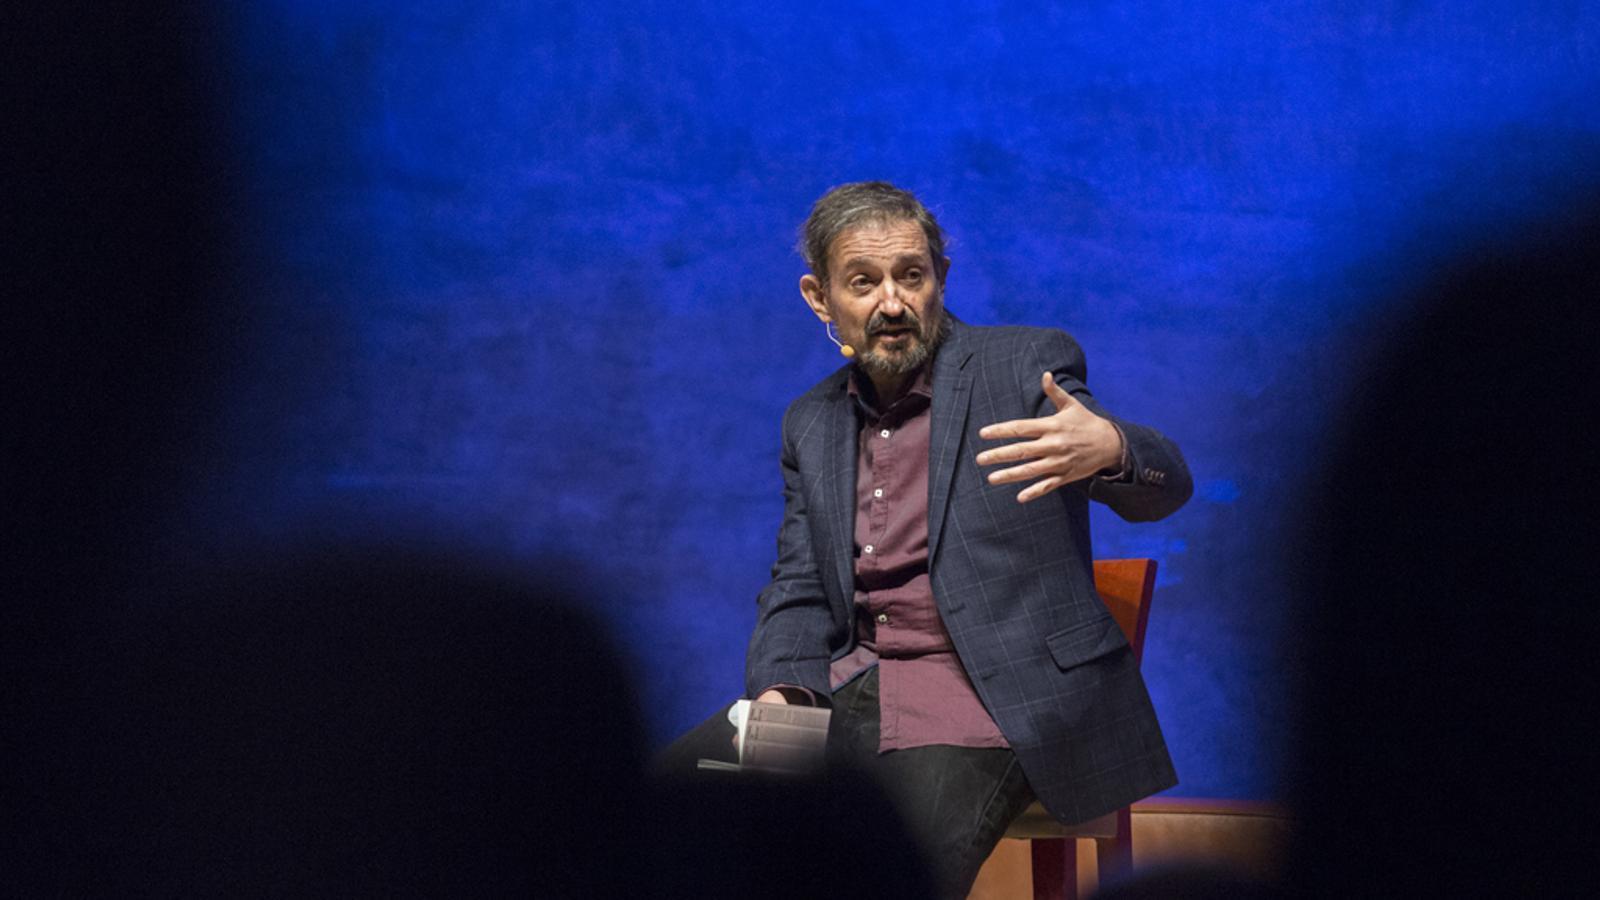 'Viure amb humor' el monòleg en 15 minuts